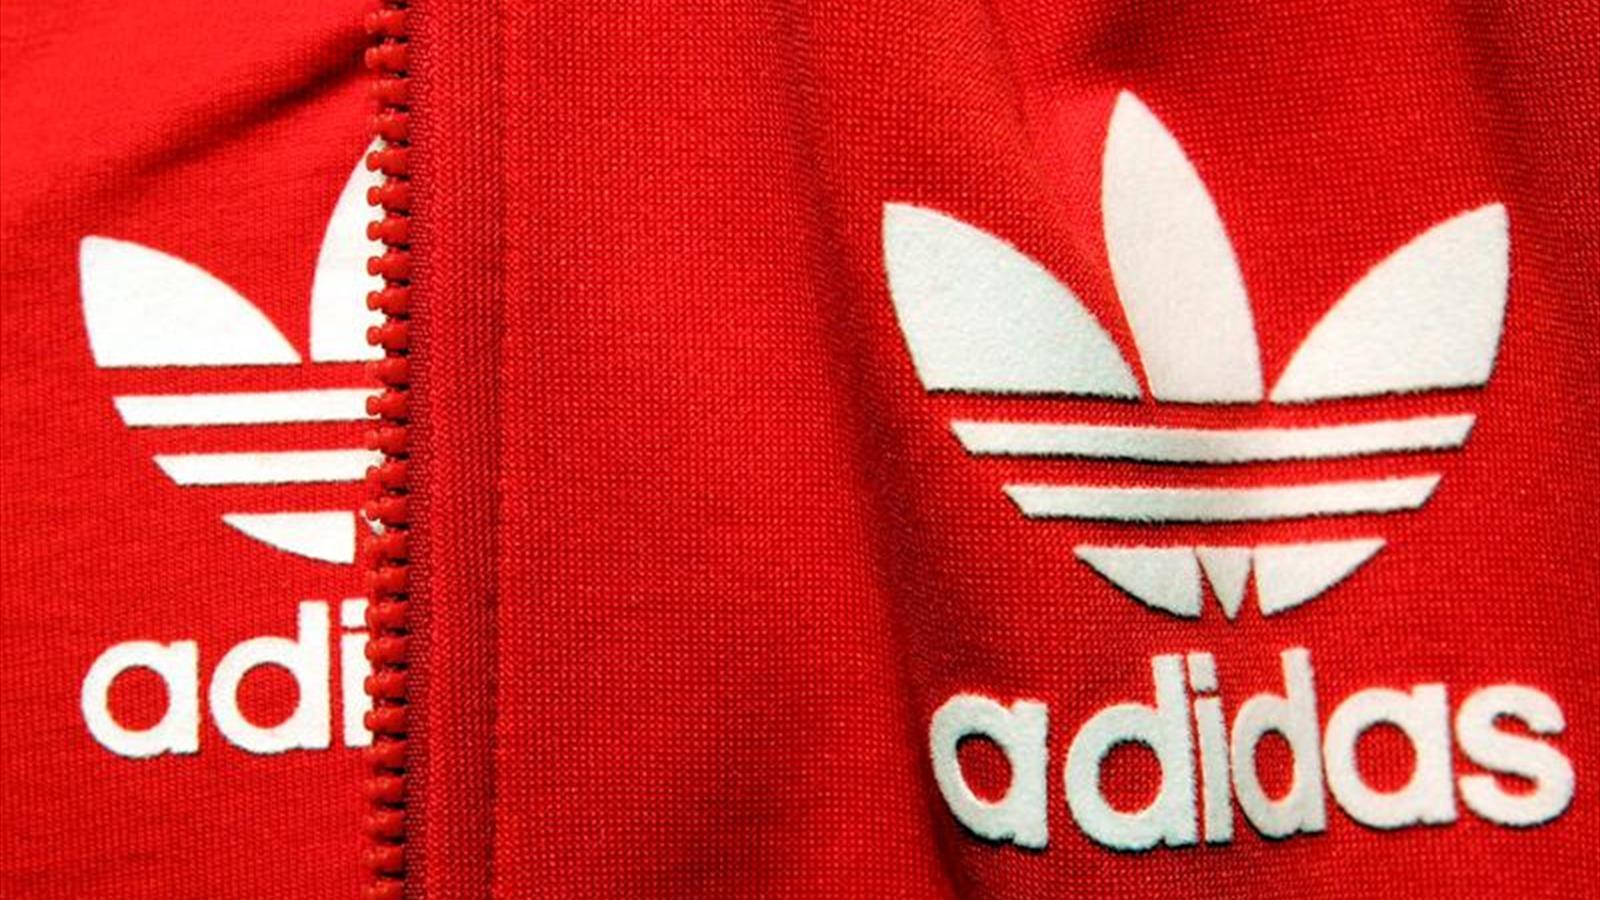 new concept 5c2dc 02434 Exempleados de Adidas condenados por corrupción en el baloncesto  universitario